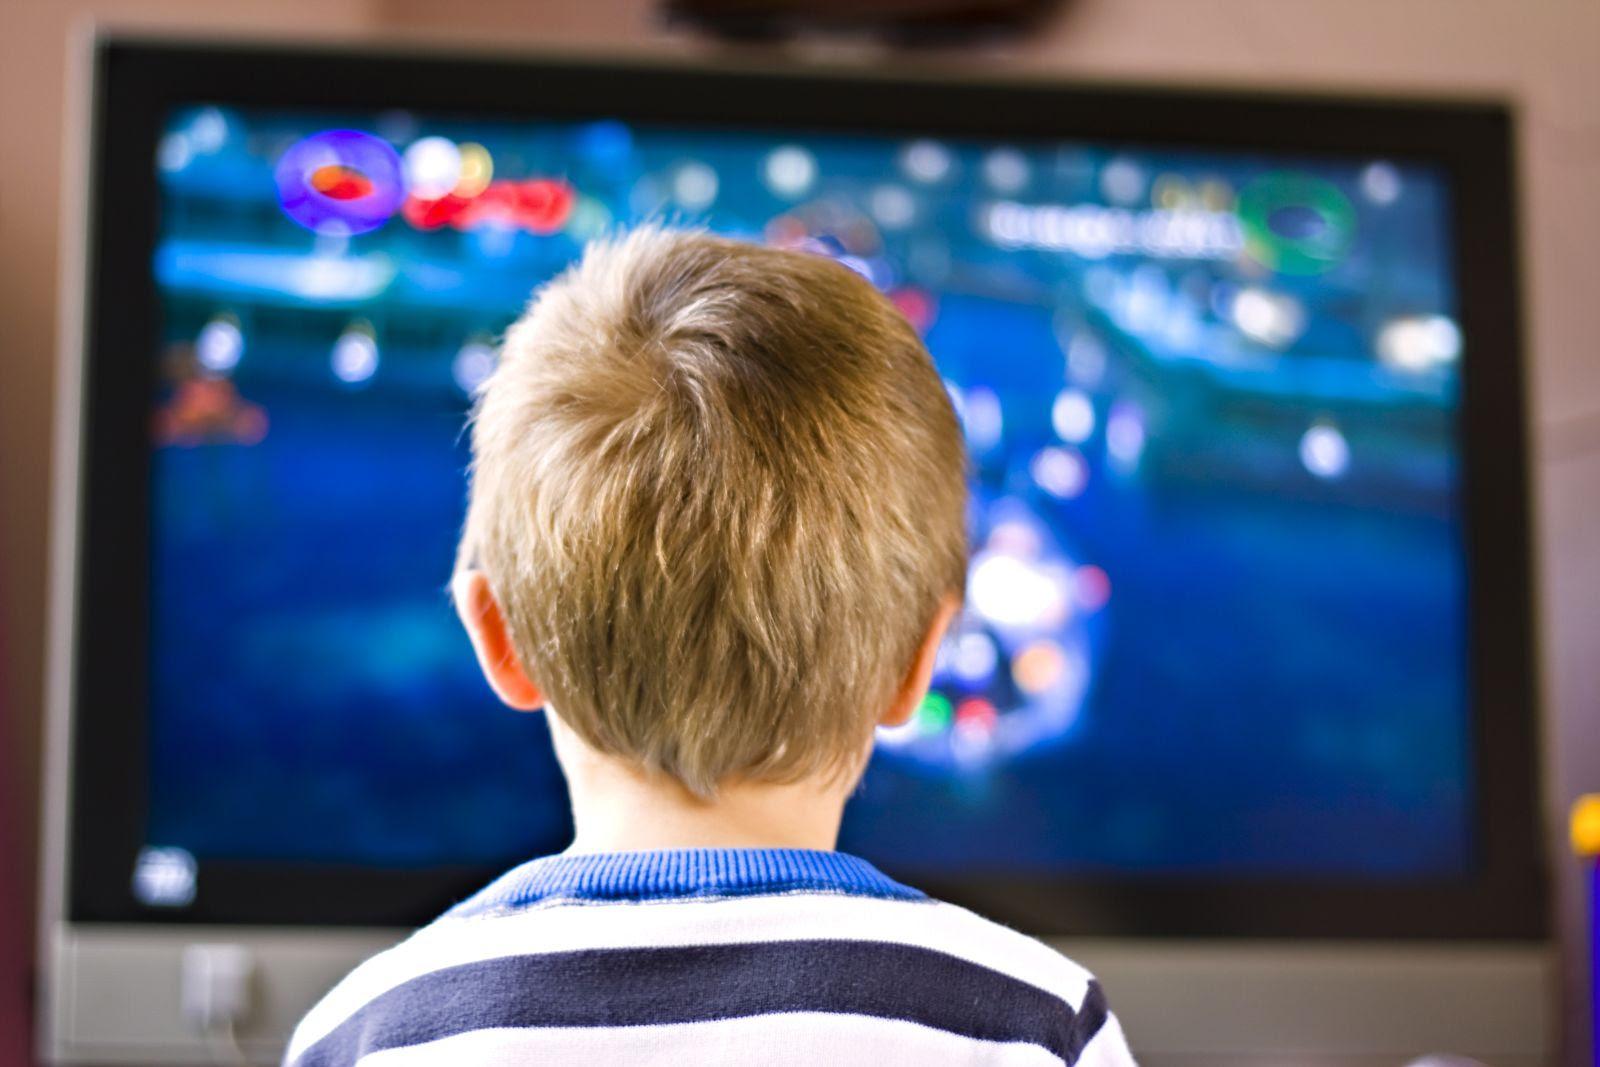 Resultado de imagen para viendo tv